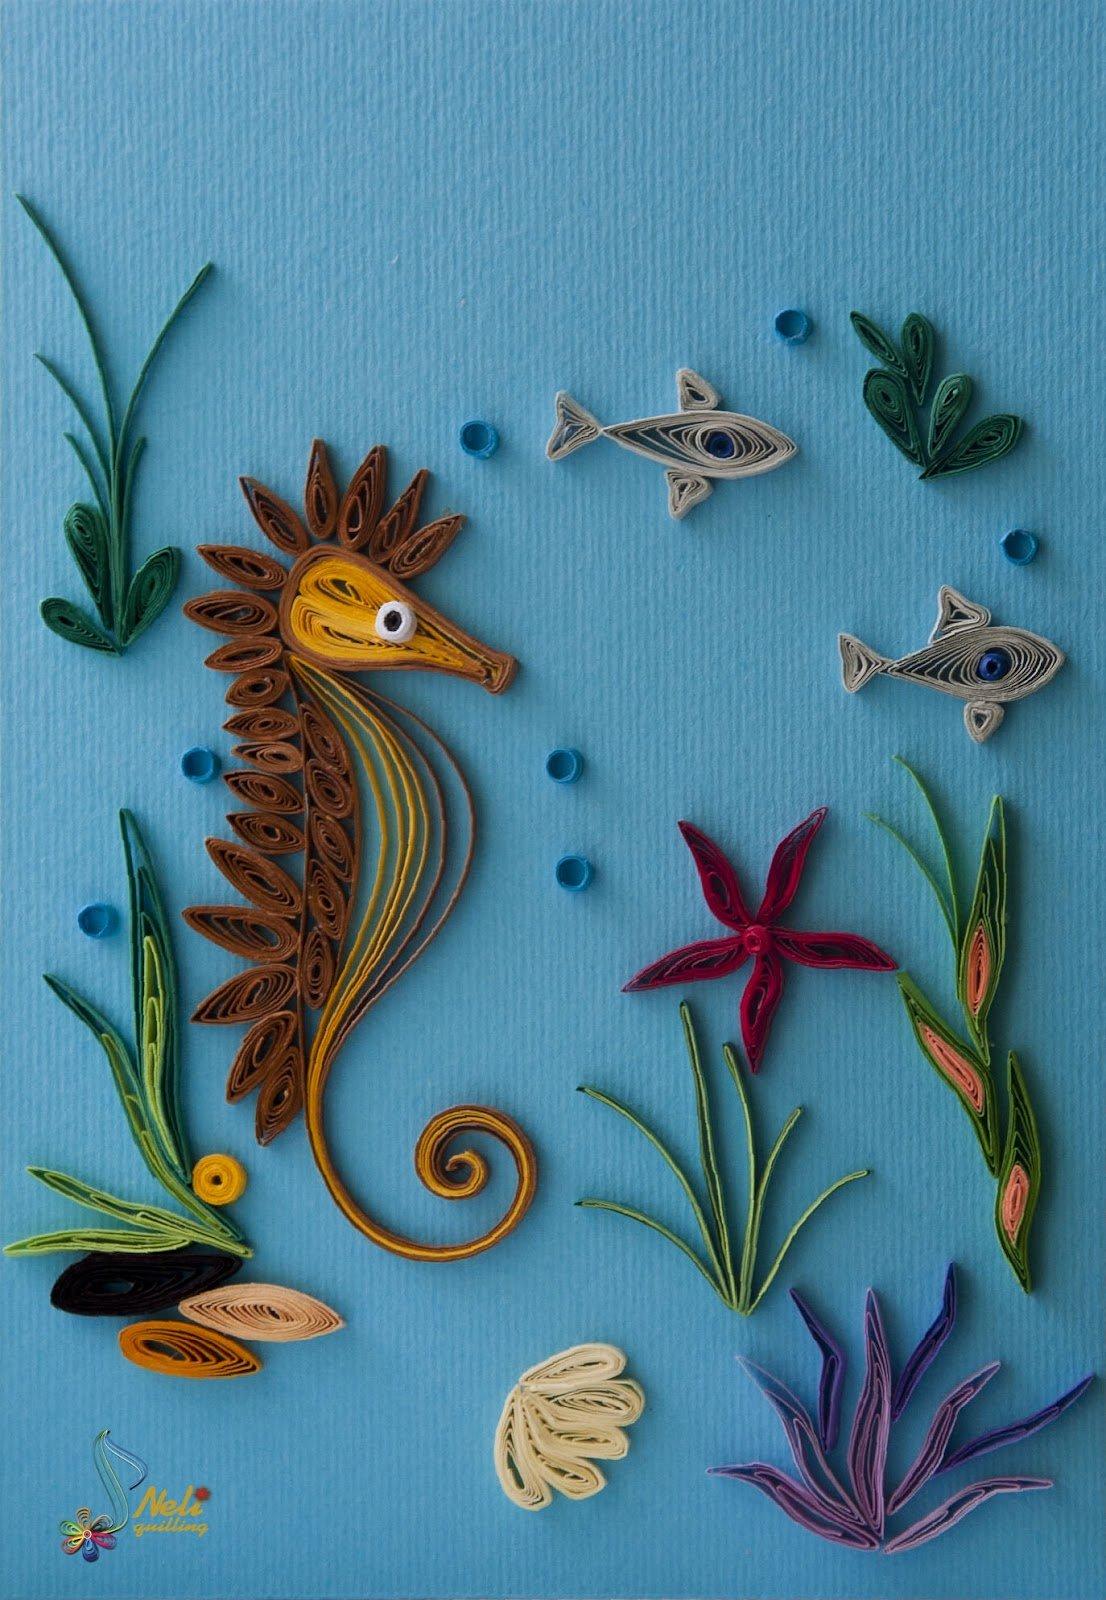 Квиллинг картинки для начинающих животные, красивых